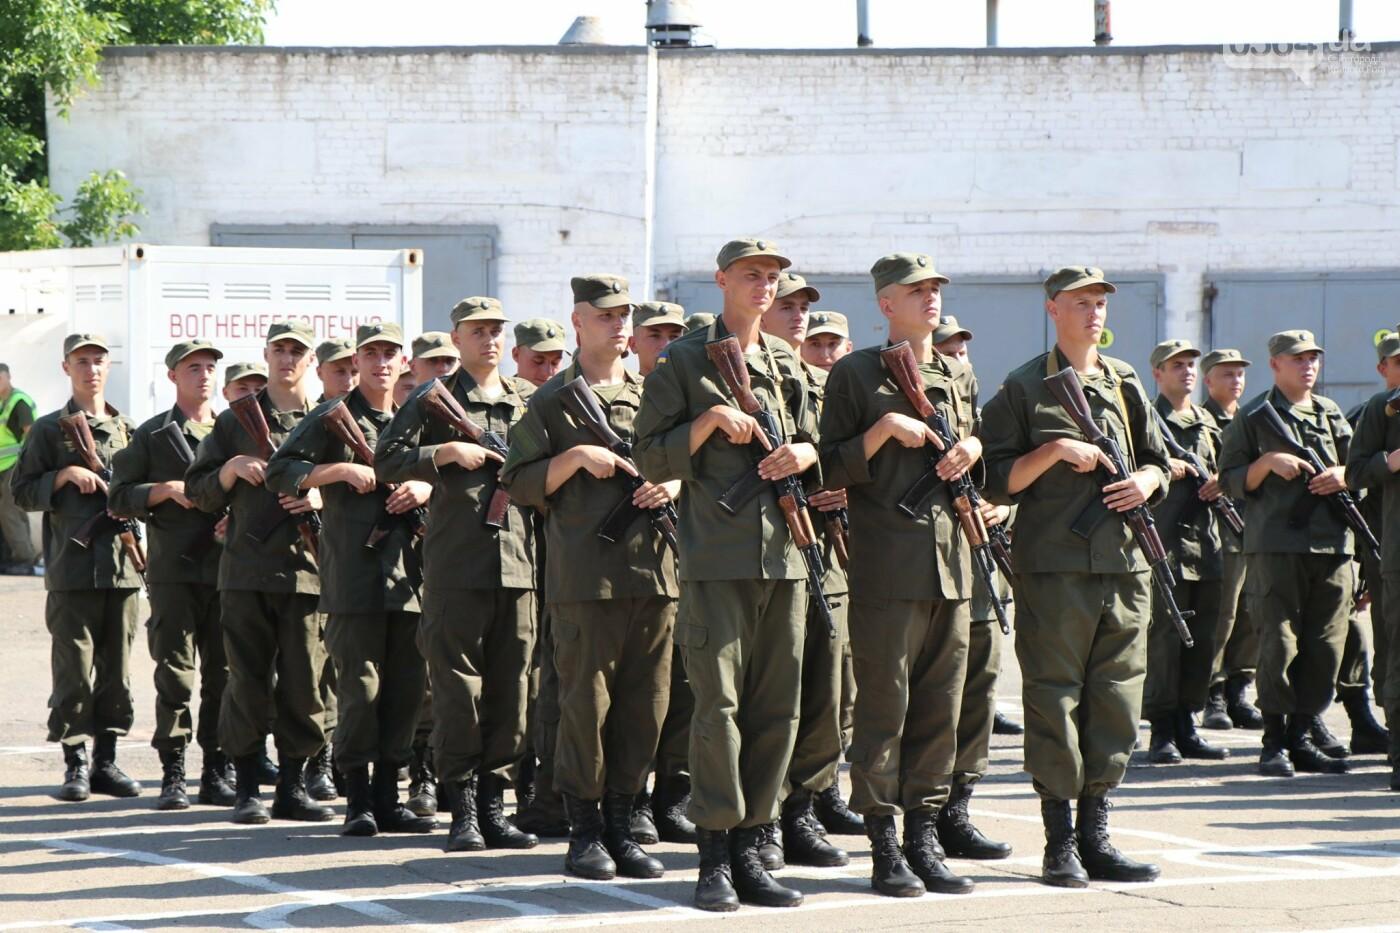 В Кривом Роге 168 нацгвардейцев торжественно приняли присягу на верность украинскому народу, - ФОТО, фото-1